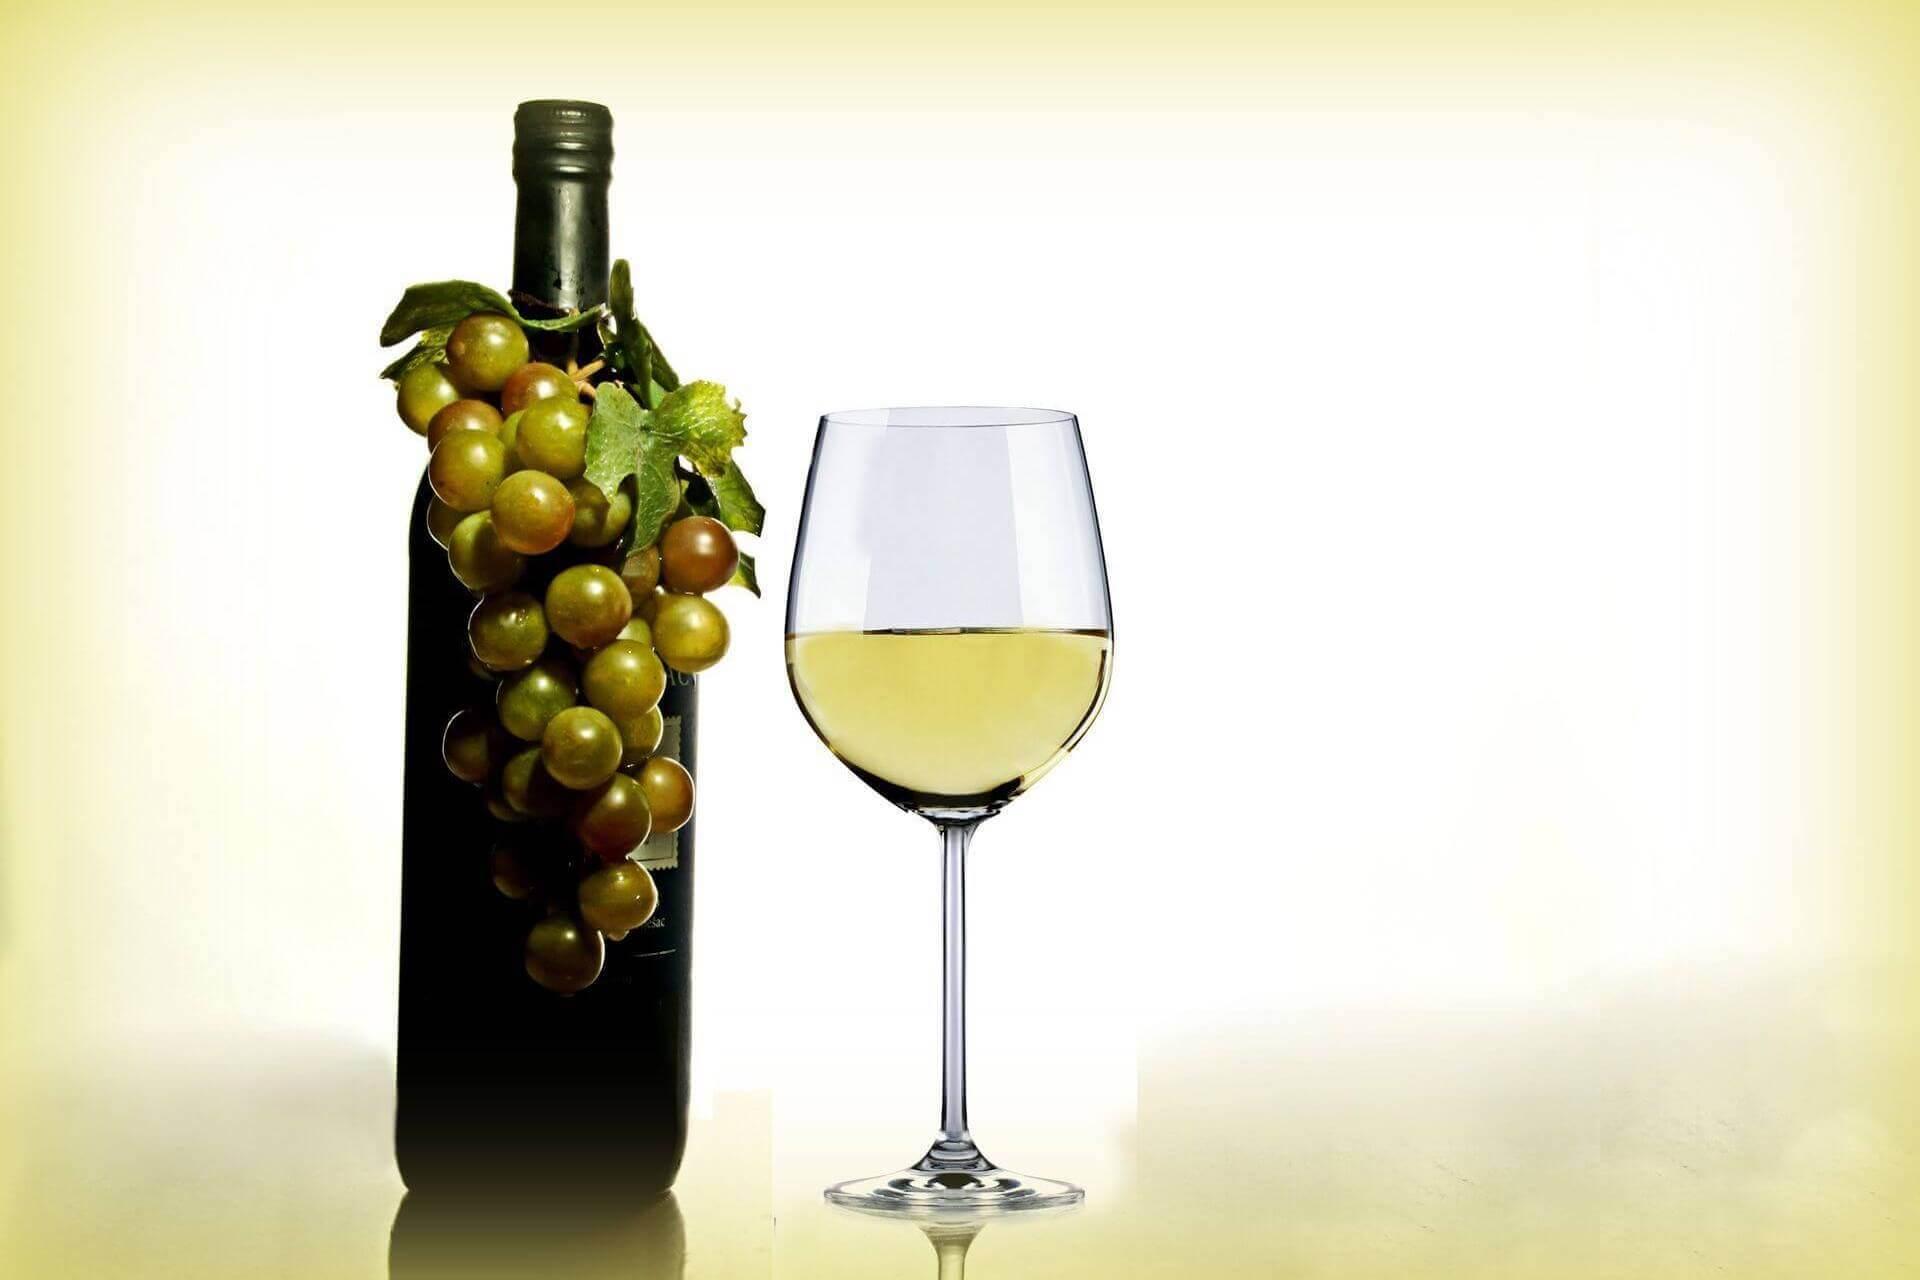 wine-07-1920-1280